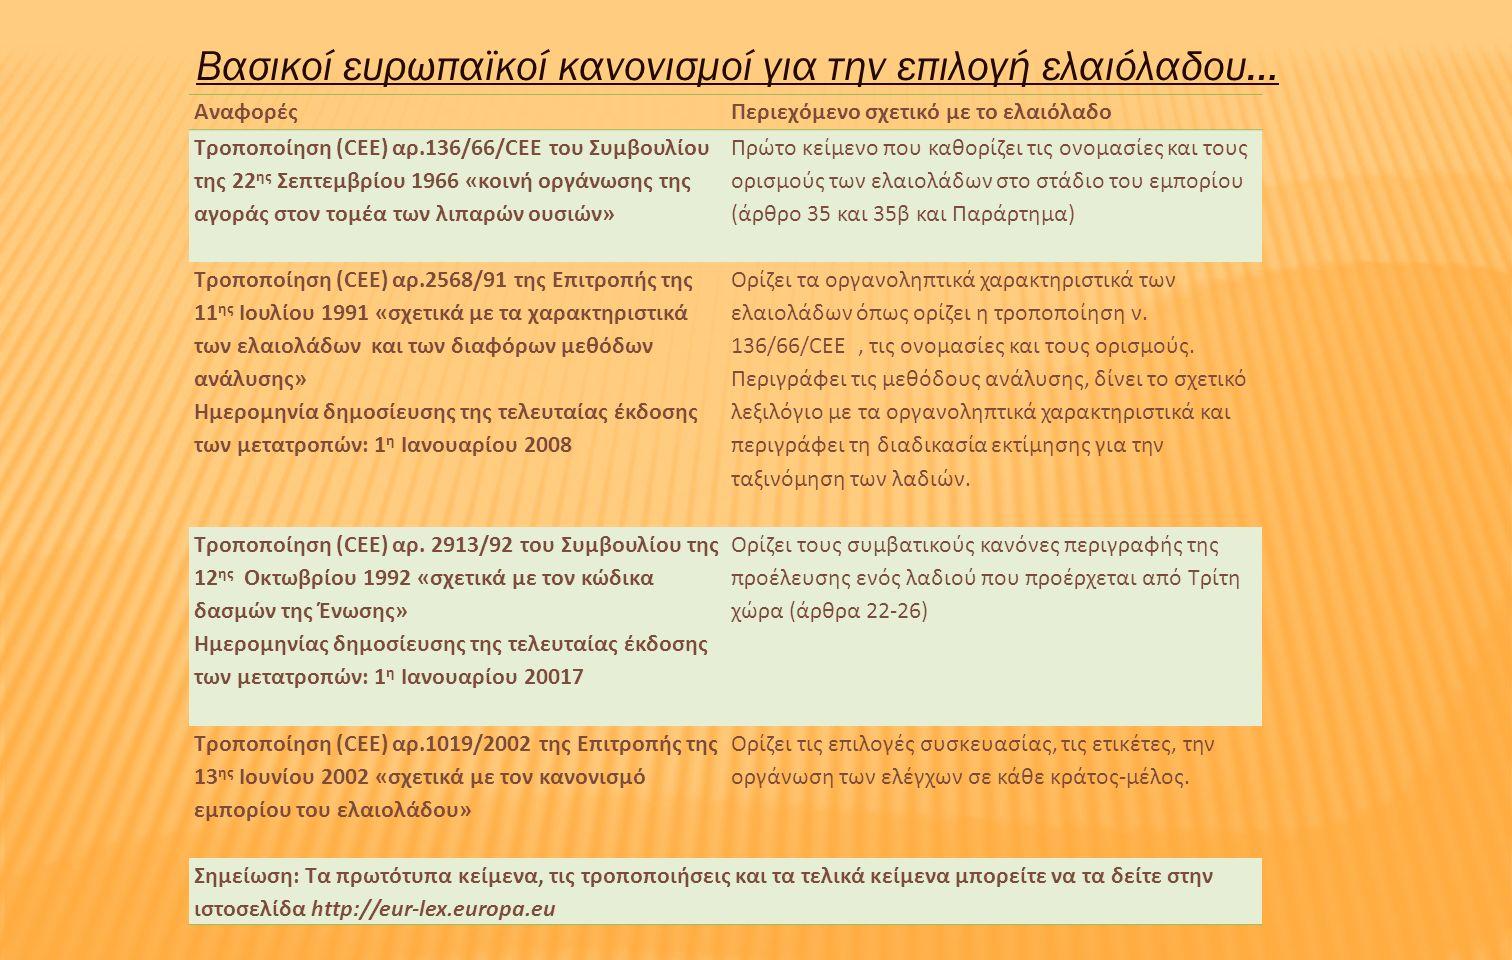 ΑναφορέςΠεριεχόμενο σχετικό με το ελαιόλαδο Τροποποίηση (CEE) αρ.136/66/CEE του Συμβουλίου της 22 ης Σεπτεμβρίου 1966 «κοινή οργάνωσης της αγοράς στον τομέα των λιπαρών ουσιών» Πρώτο κείμενο που καθορίζει τις ονομασίες και τους ορισμούς των ελαιολάδων στο στάδιο του εμπορίου (άρθρο 35 και 35β και Παράρτημα) Τροποποίηση (CEE) αρ.2568/91 της Επιτροπής της 11 ης Ιουλίου 1991 «σχετικά με τα χαρακτηριστικά των ελαιολάδων και των διαφόρων μεθόδων ανάλυσης» Ημερομηνία δημοσίευσης της τελευταίας έκδοσης των μετατροπών: 1 η Ιανουαρίου 2008 Ορίζει τα οργανοληπτικά χαρακτηριστικά των ελαιολάδων όπως ορίζει η τροποποίηση ν.